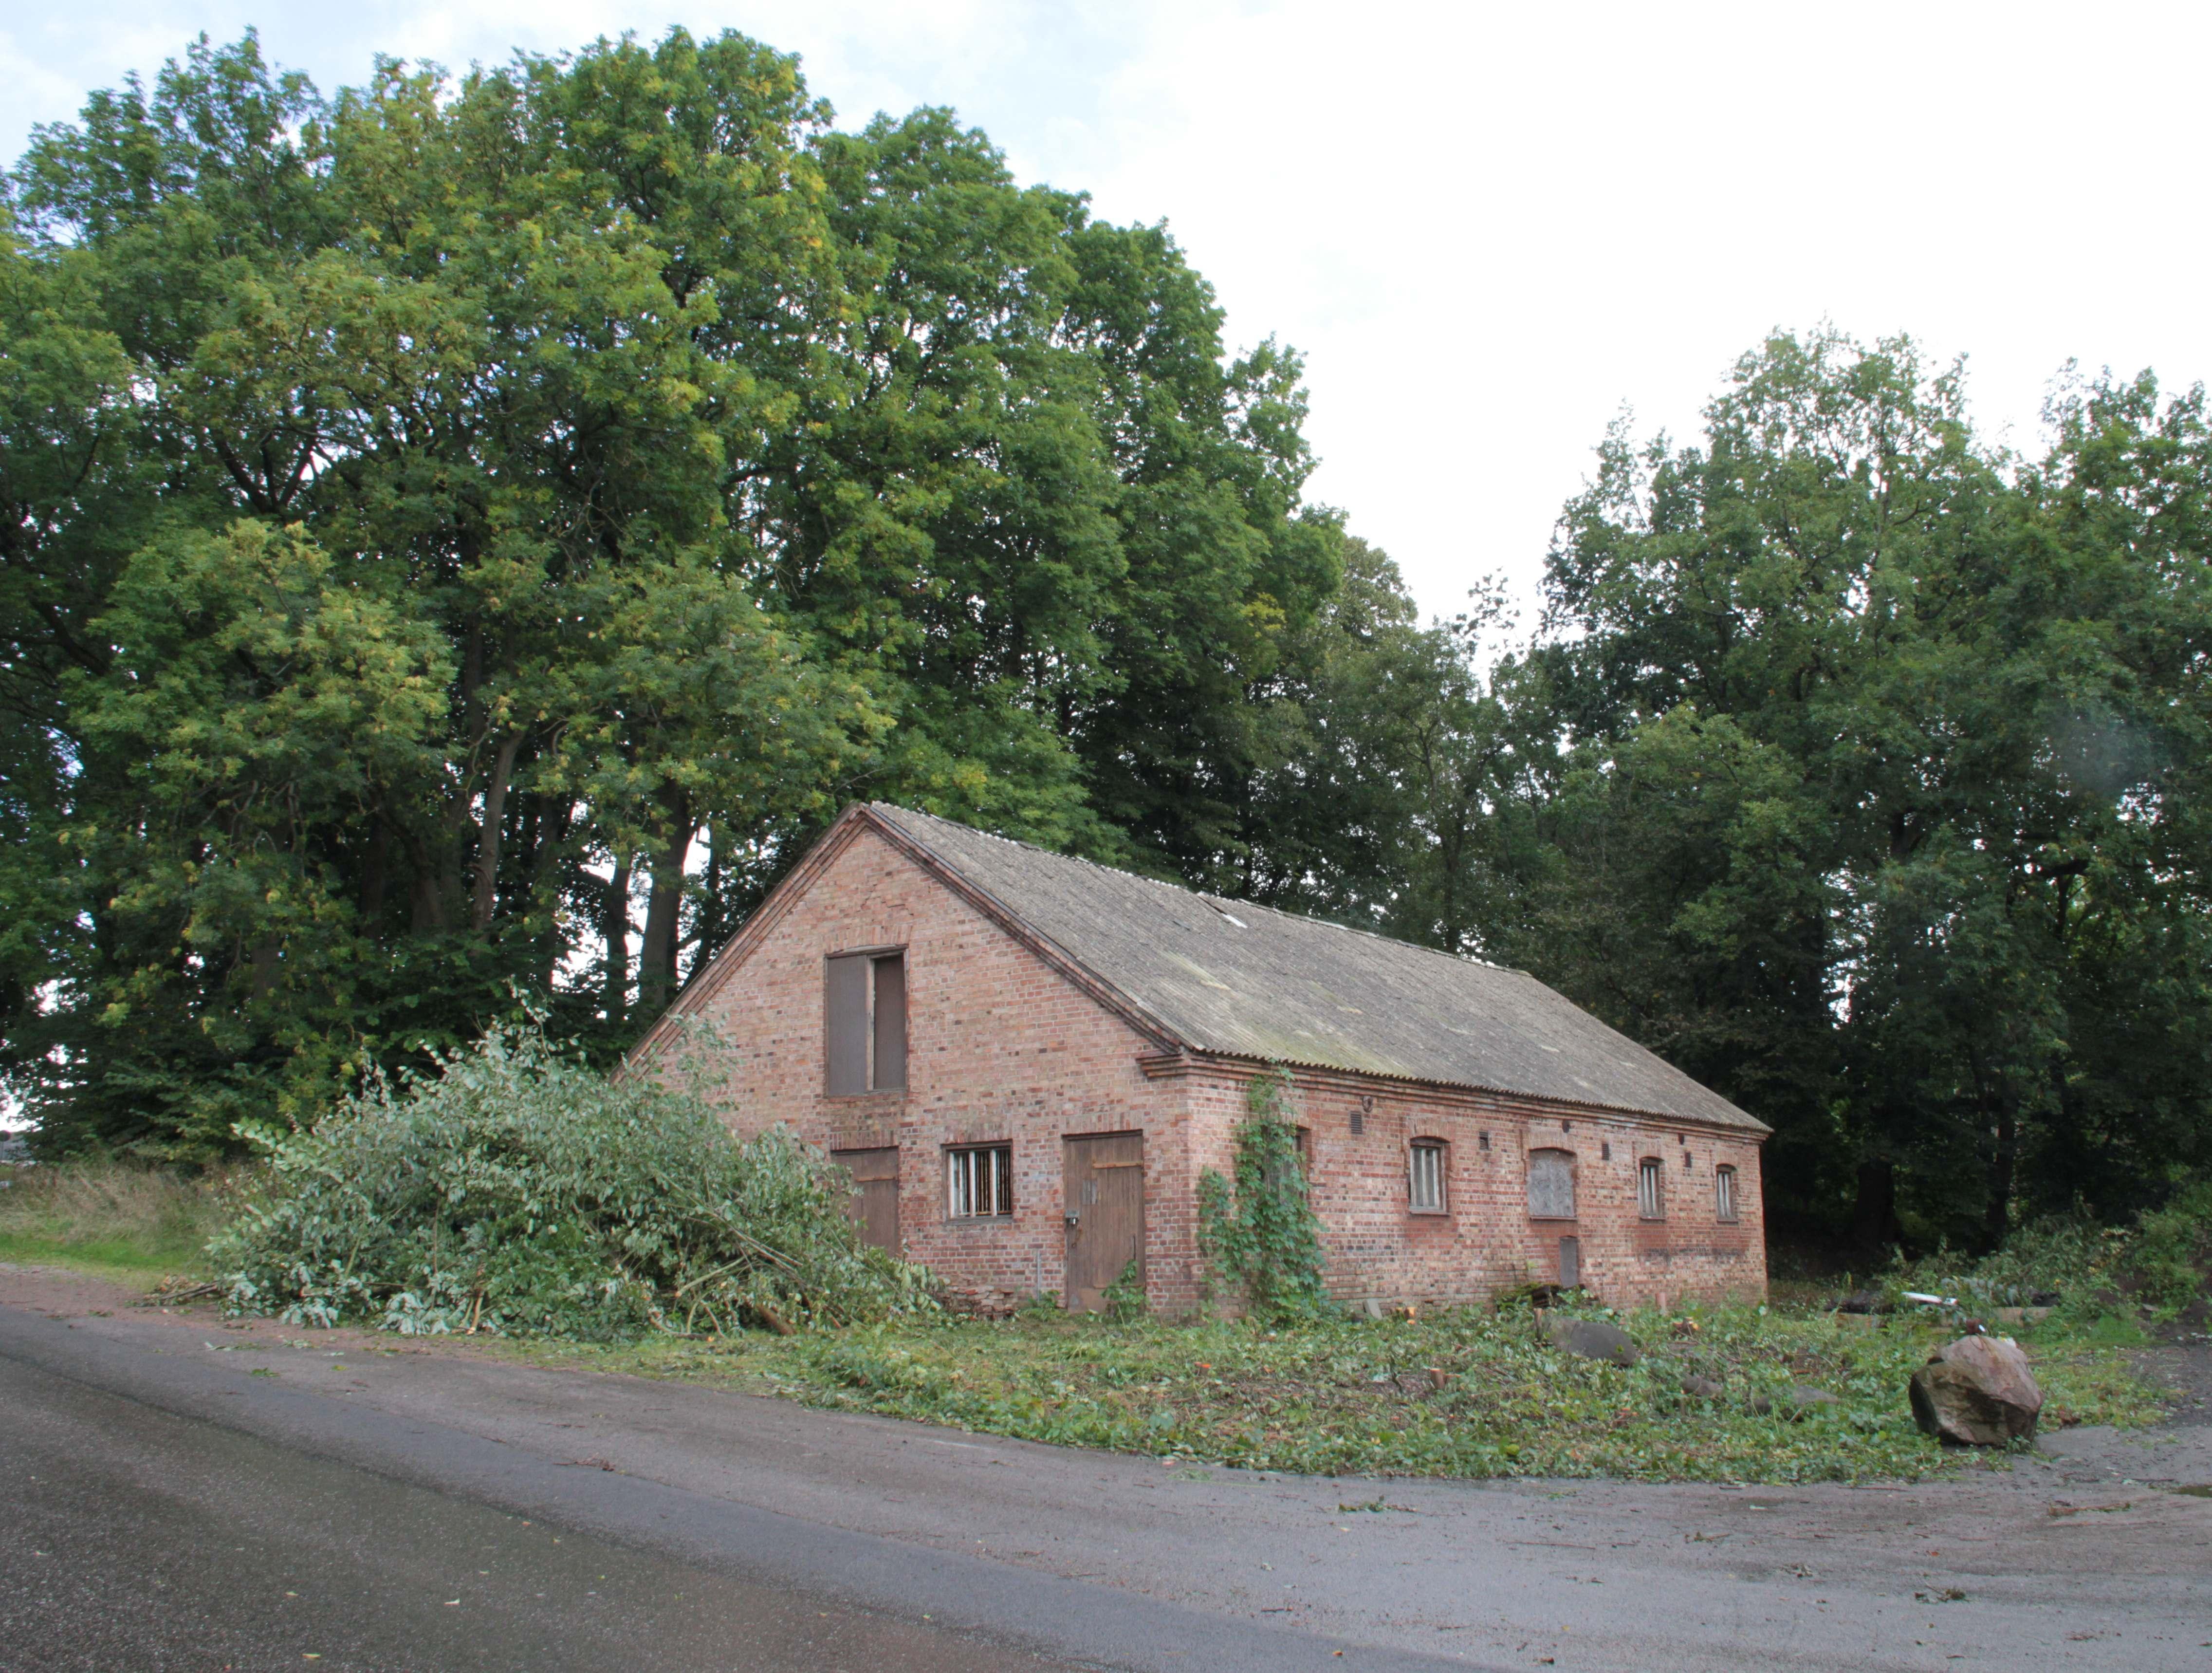 Svinhuset 2012